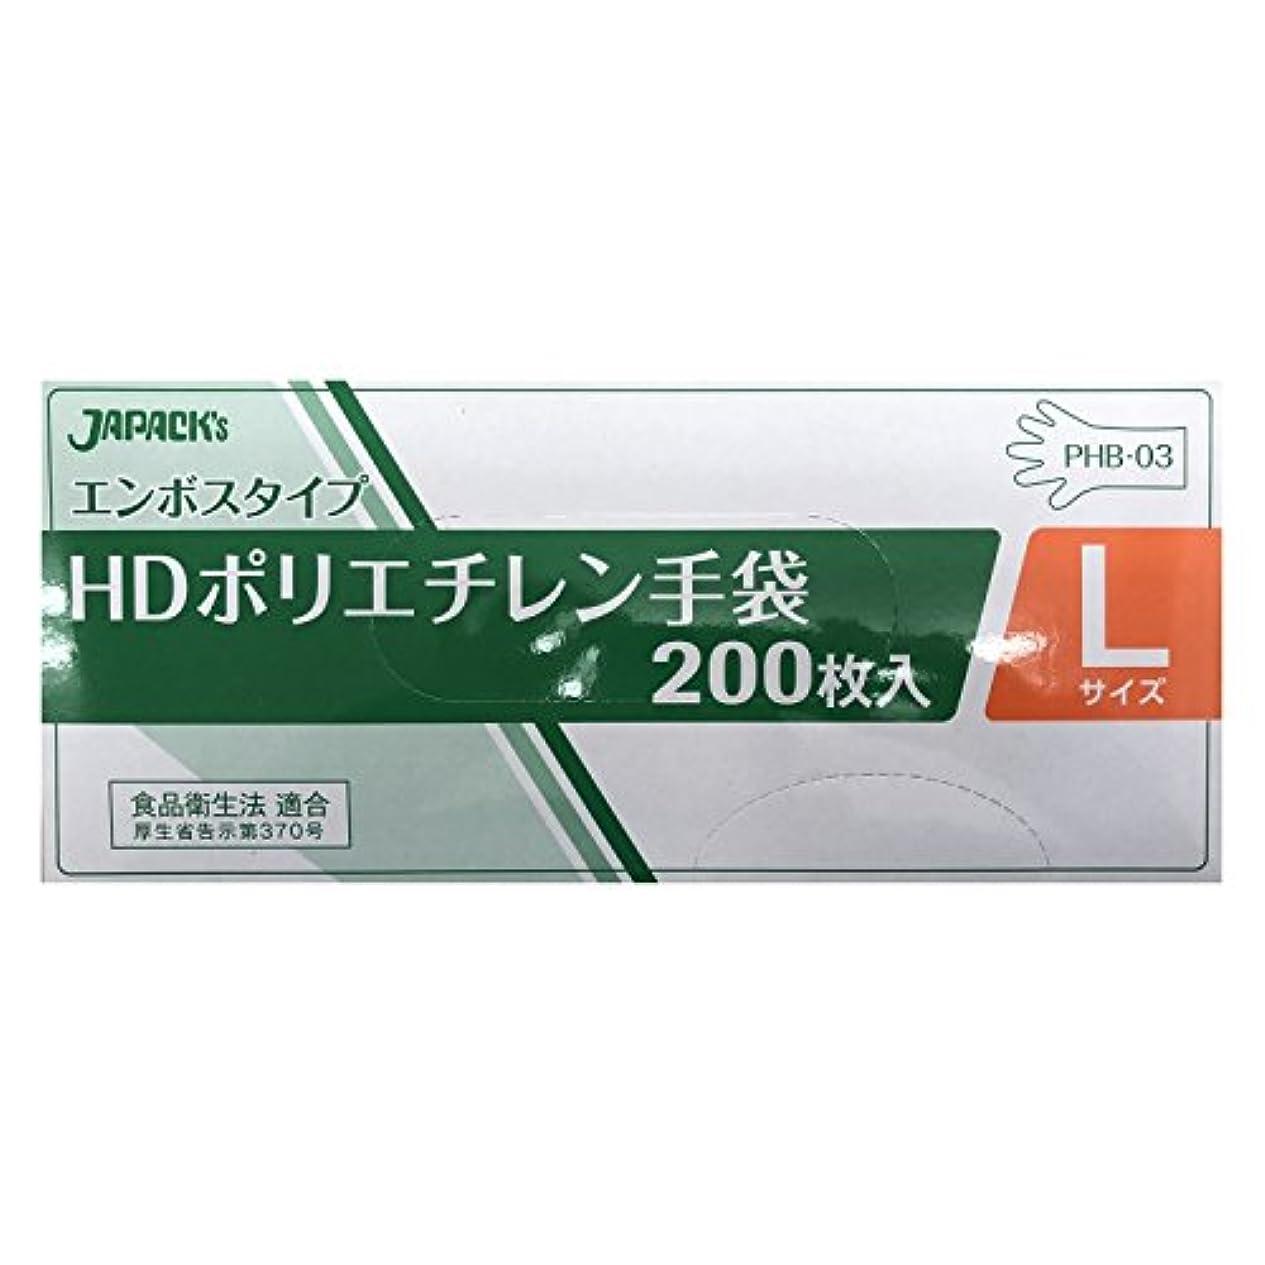 豚カレンダー胃エンボスタイプ HDポリエチレン手袋 Lサイズ BOX 200枚入 無着色 PHB-03